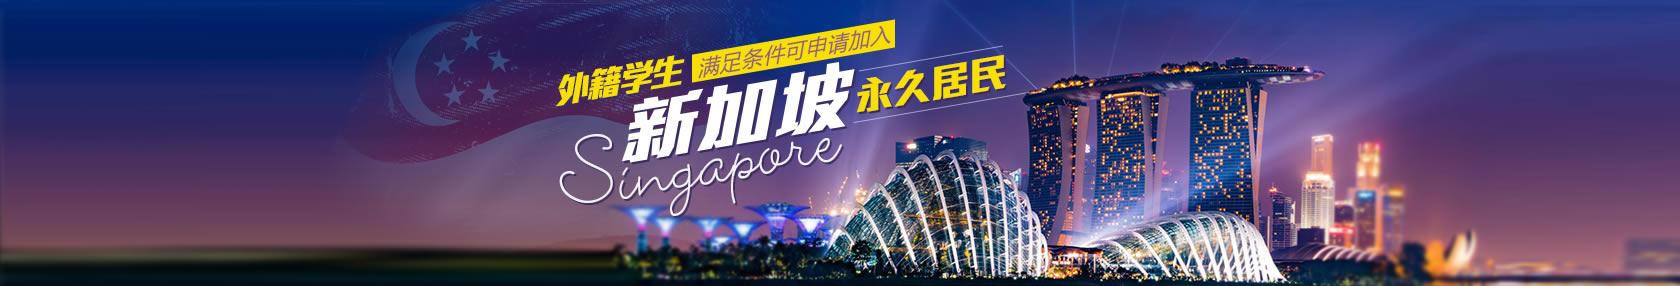 【新加坡留学】学生满足条件可申请新加坡永久居民